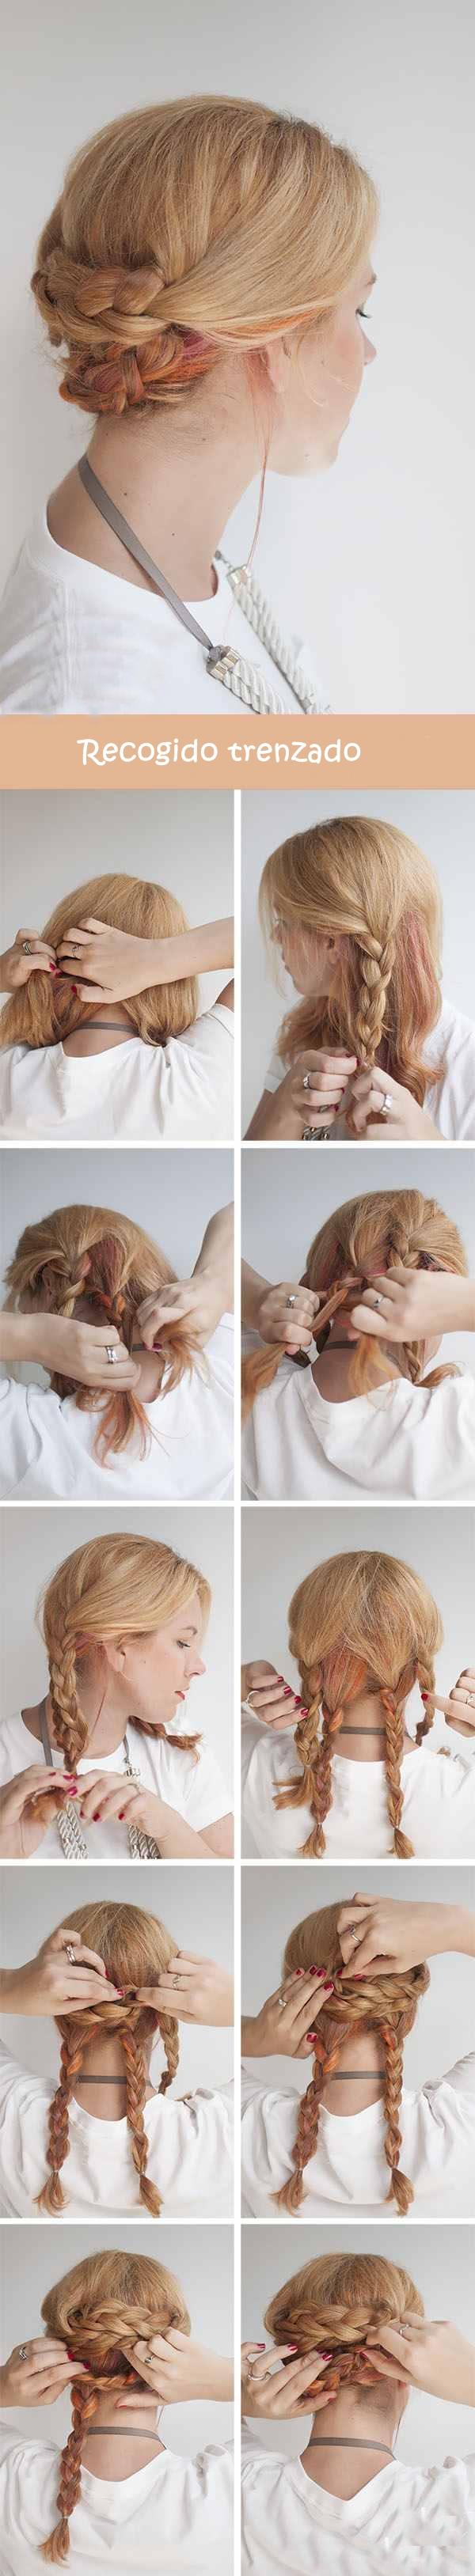 Peinados sencillos y bonitos paso a paso cabello corto for Recogidos bonitos y sencillos